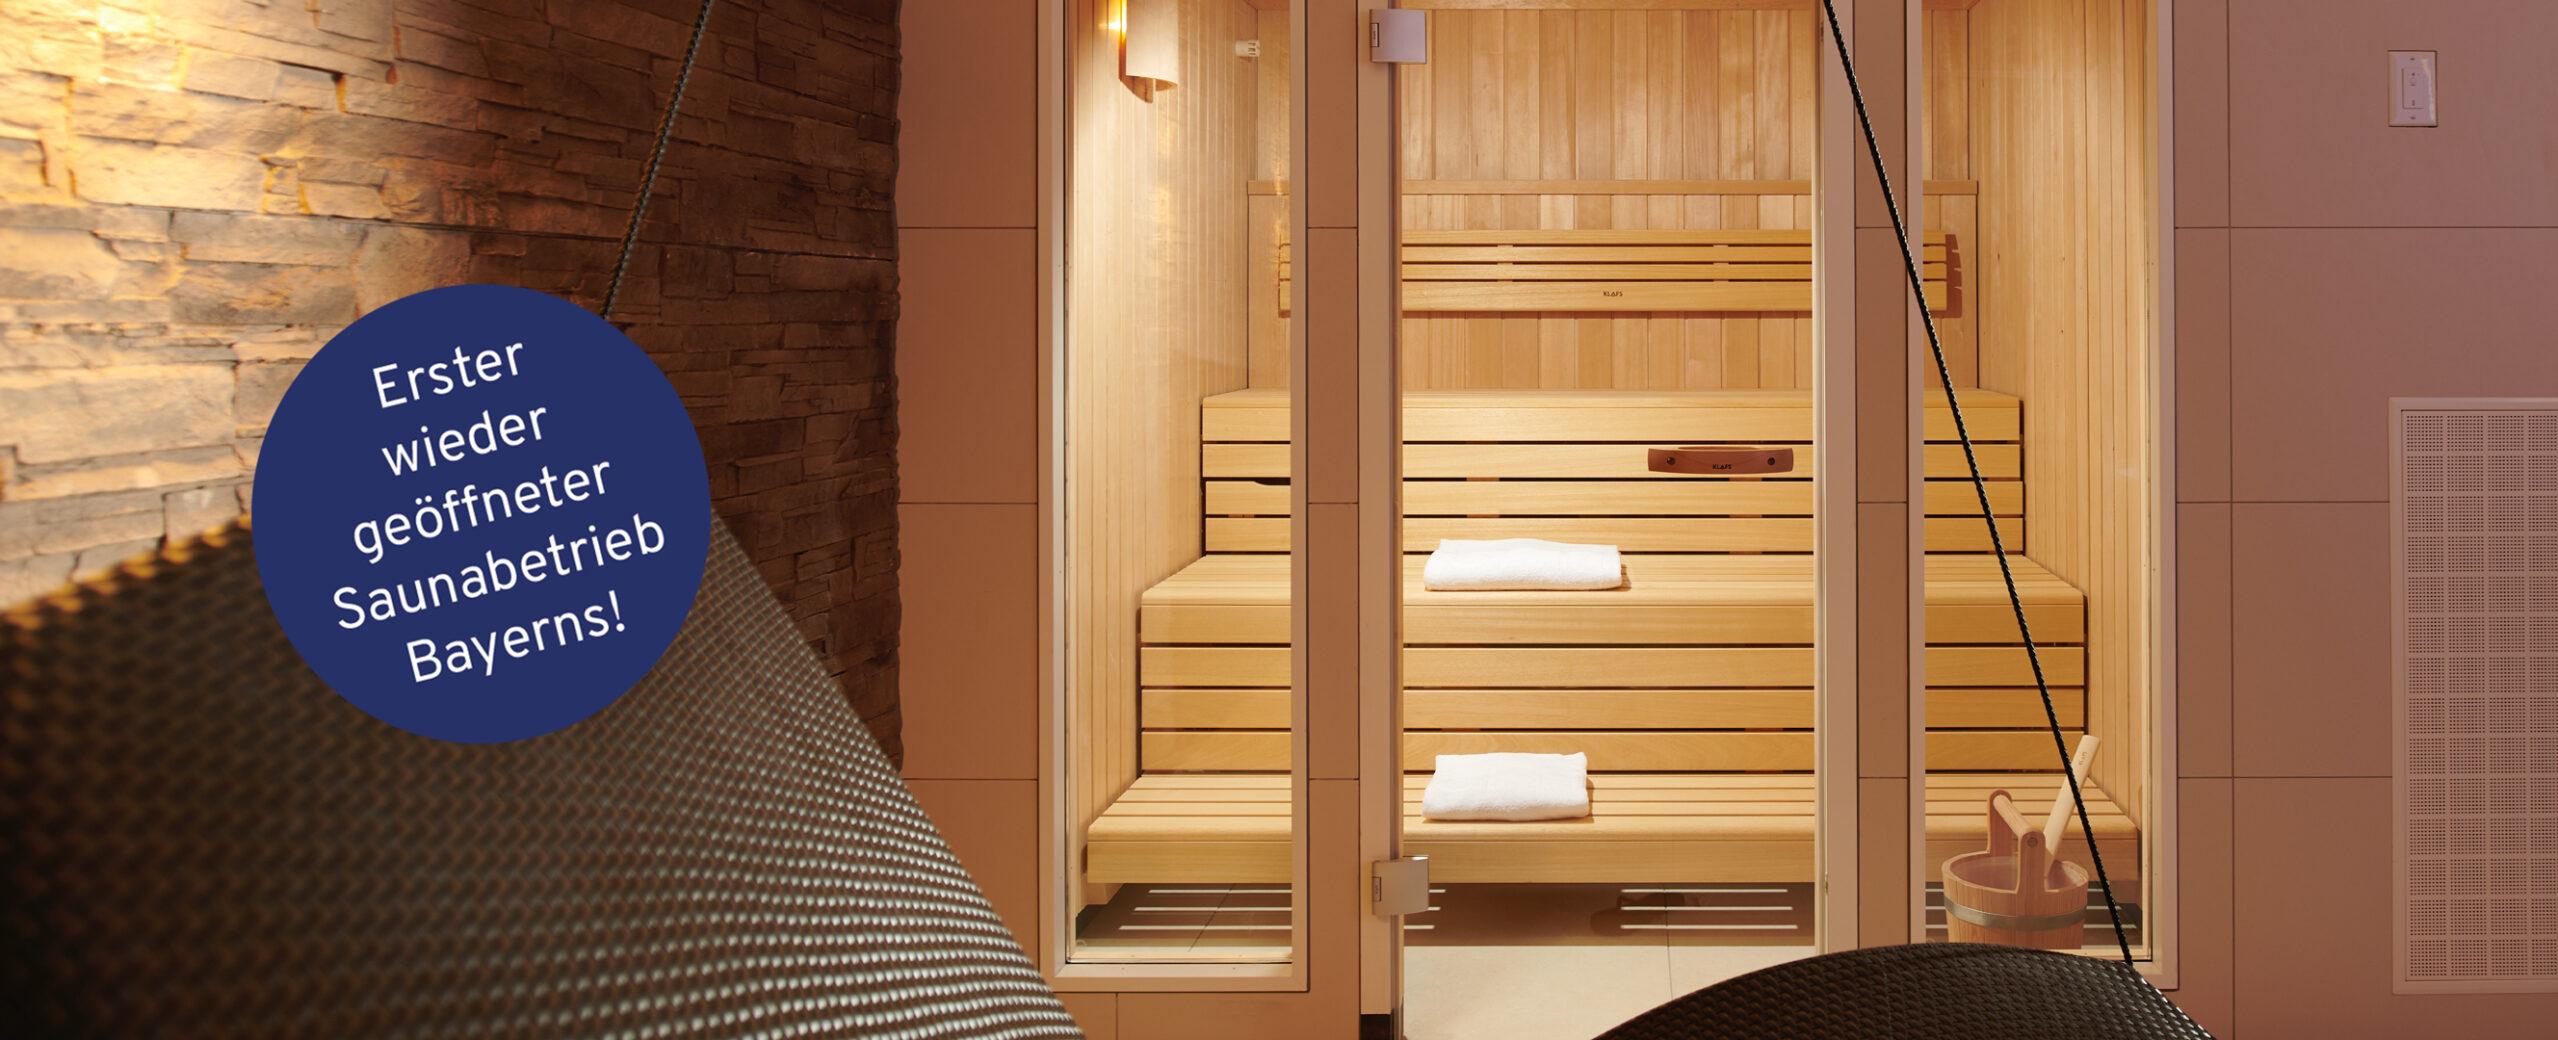 Erster saunabetrieb breit